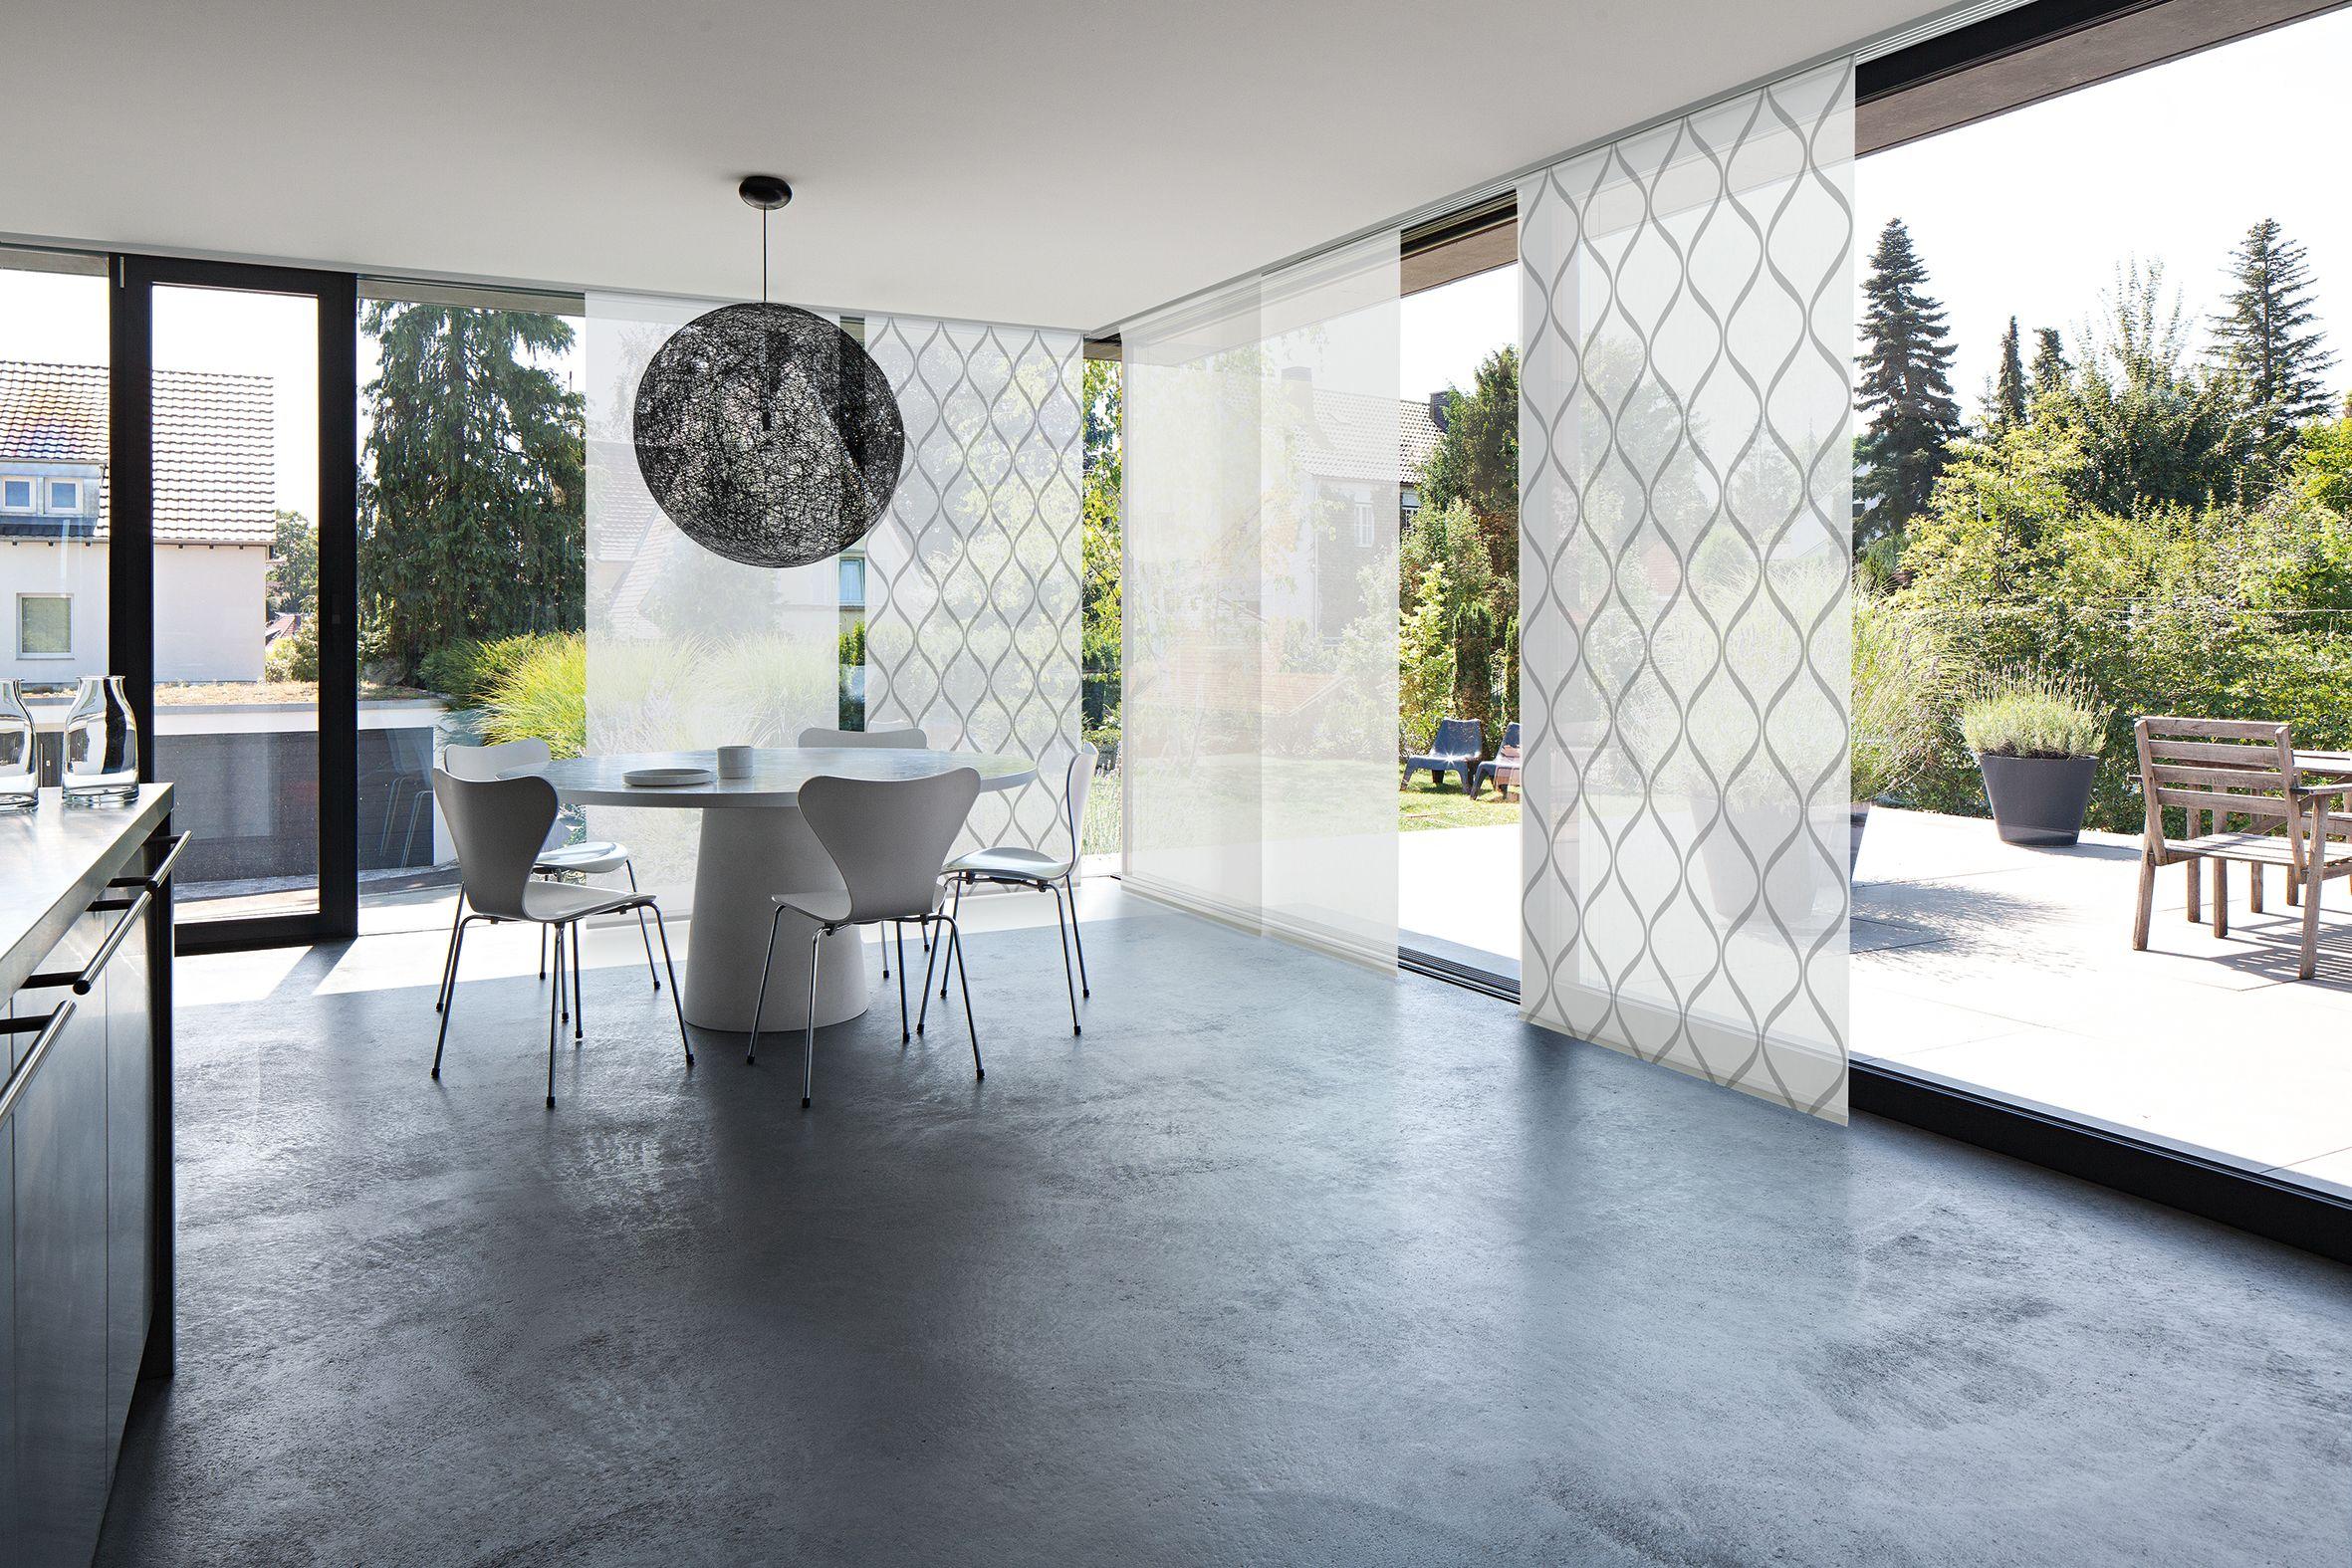 Mhz Flachenvorhang Flachenvorhang Fenstergestaltung Raumteiler Ideen